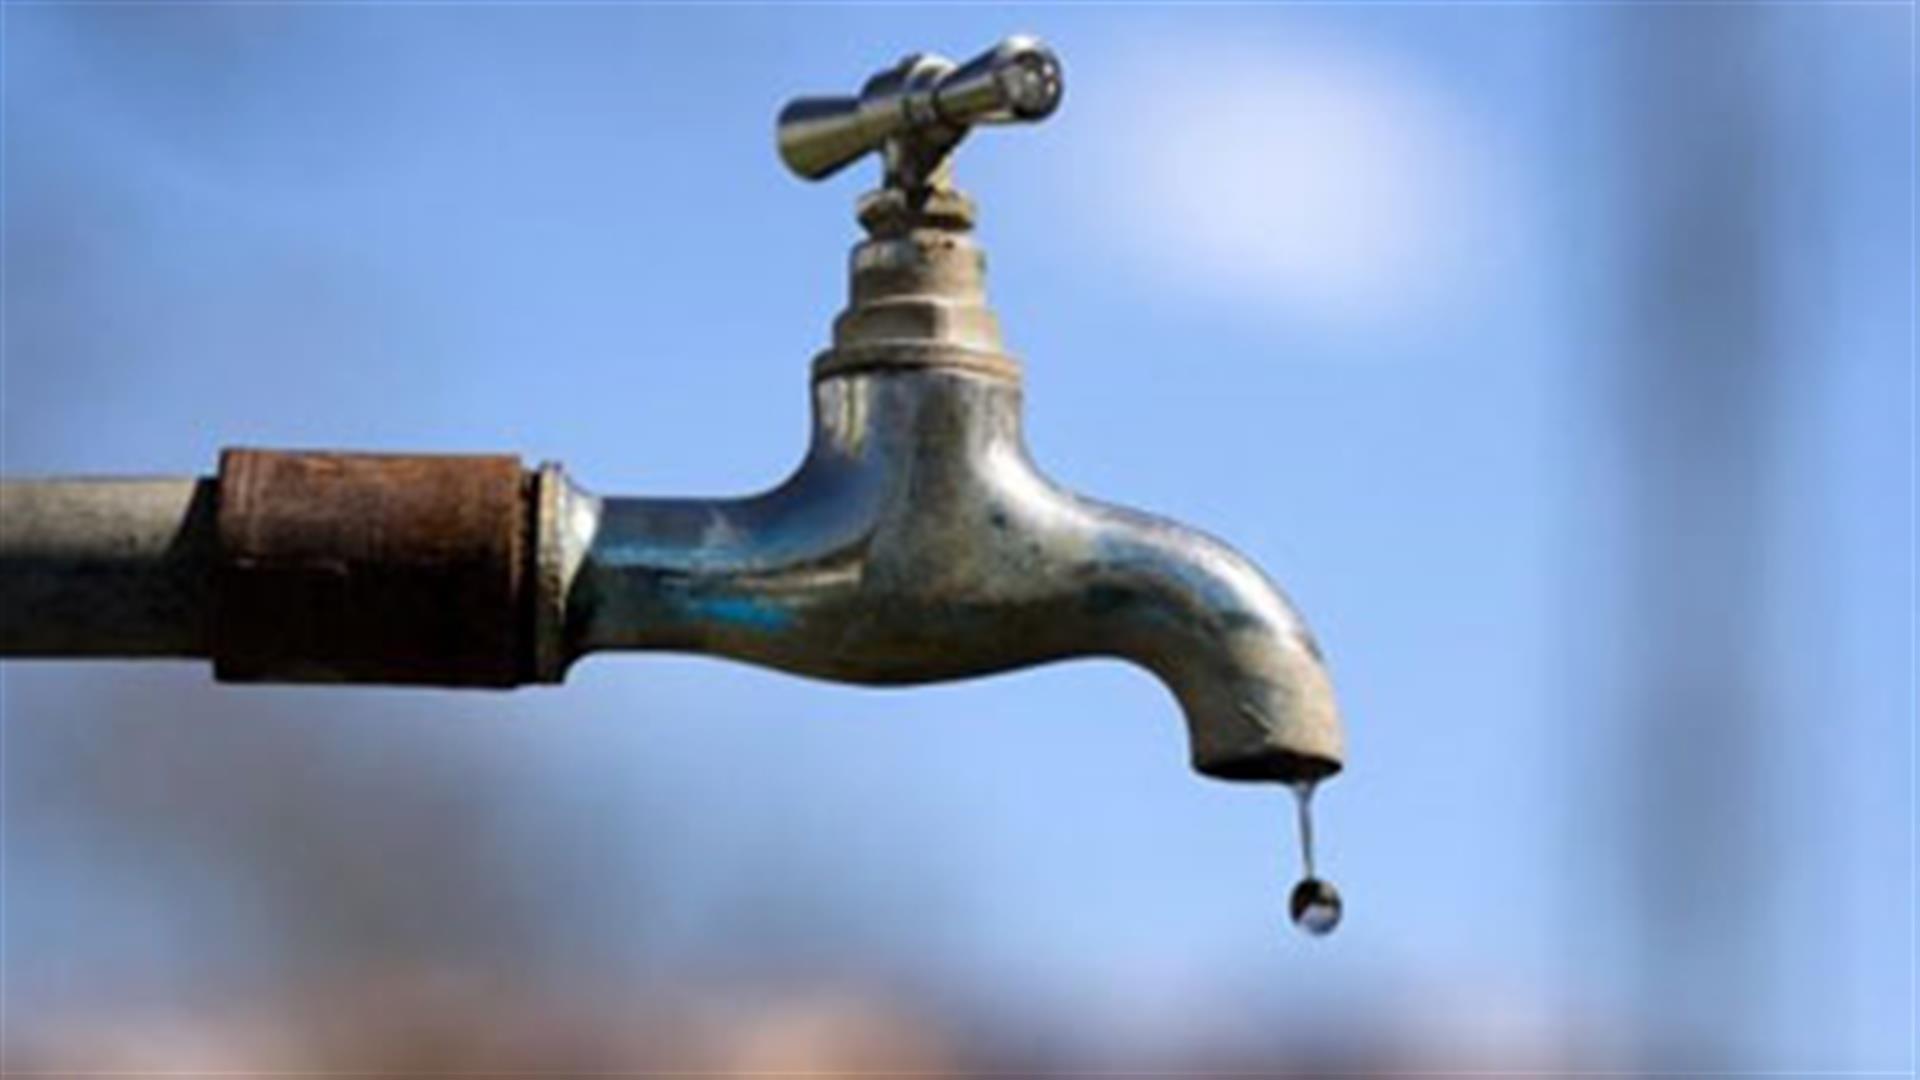 Engenheiros propõem modelo simples de abastecimento de água que pode ser a solução para um desafio global